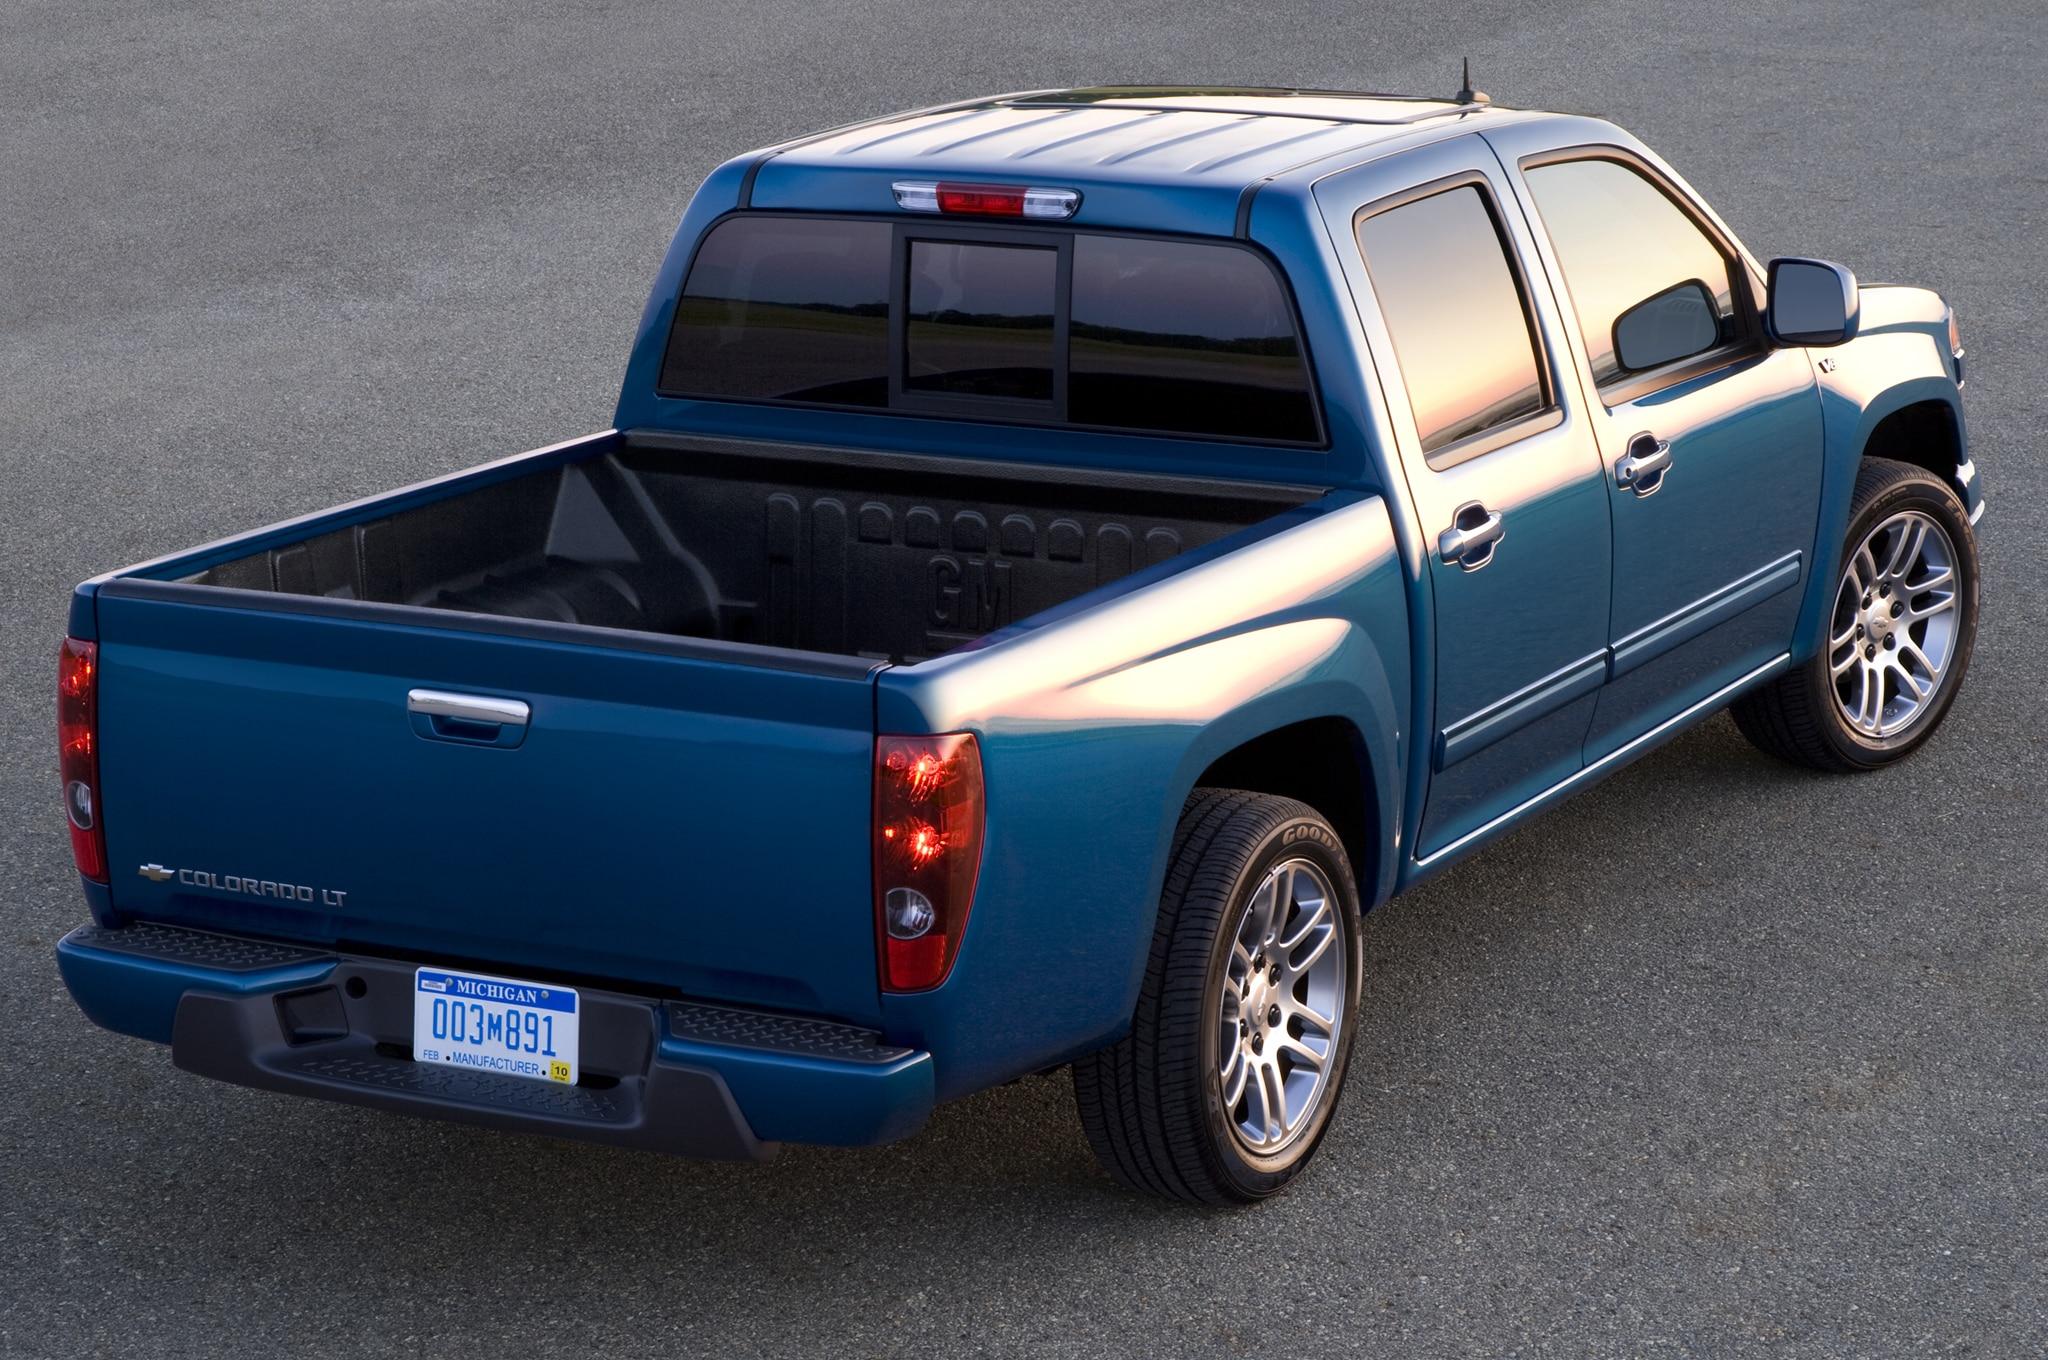 2004-2012 Chevrolet Colorado/GMC Canyon - Pre Owned - Truck